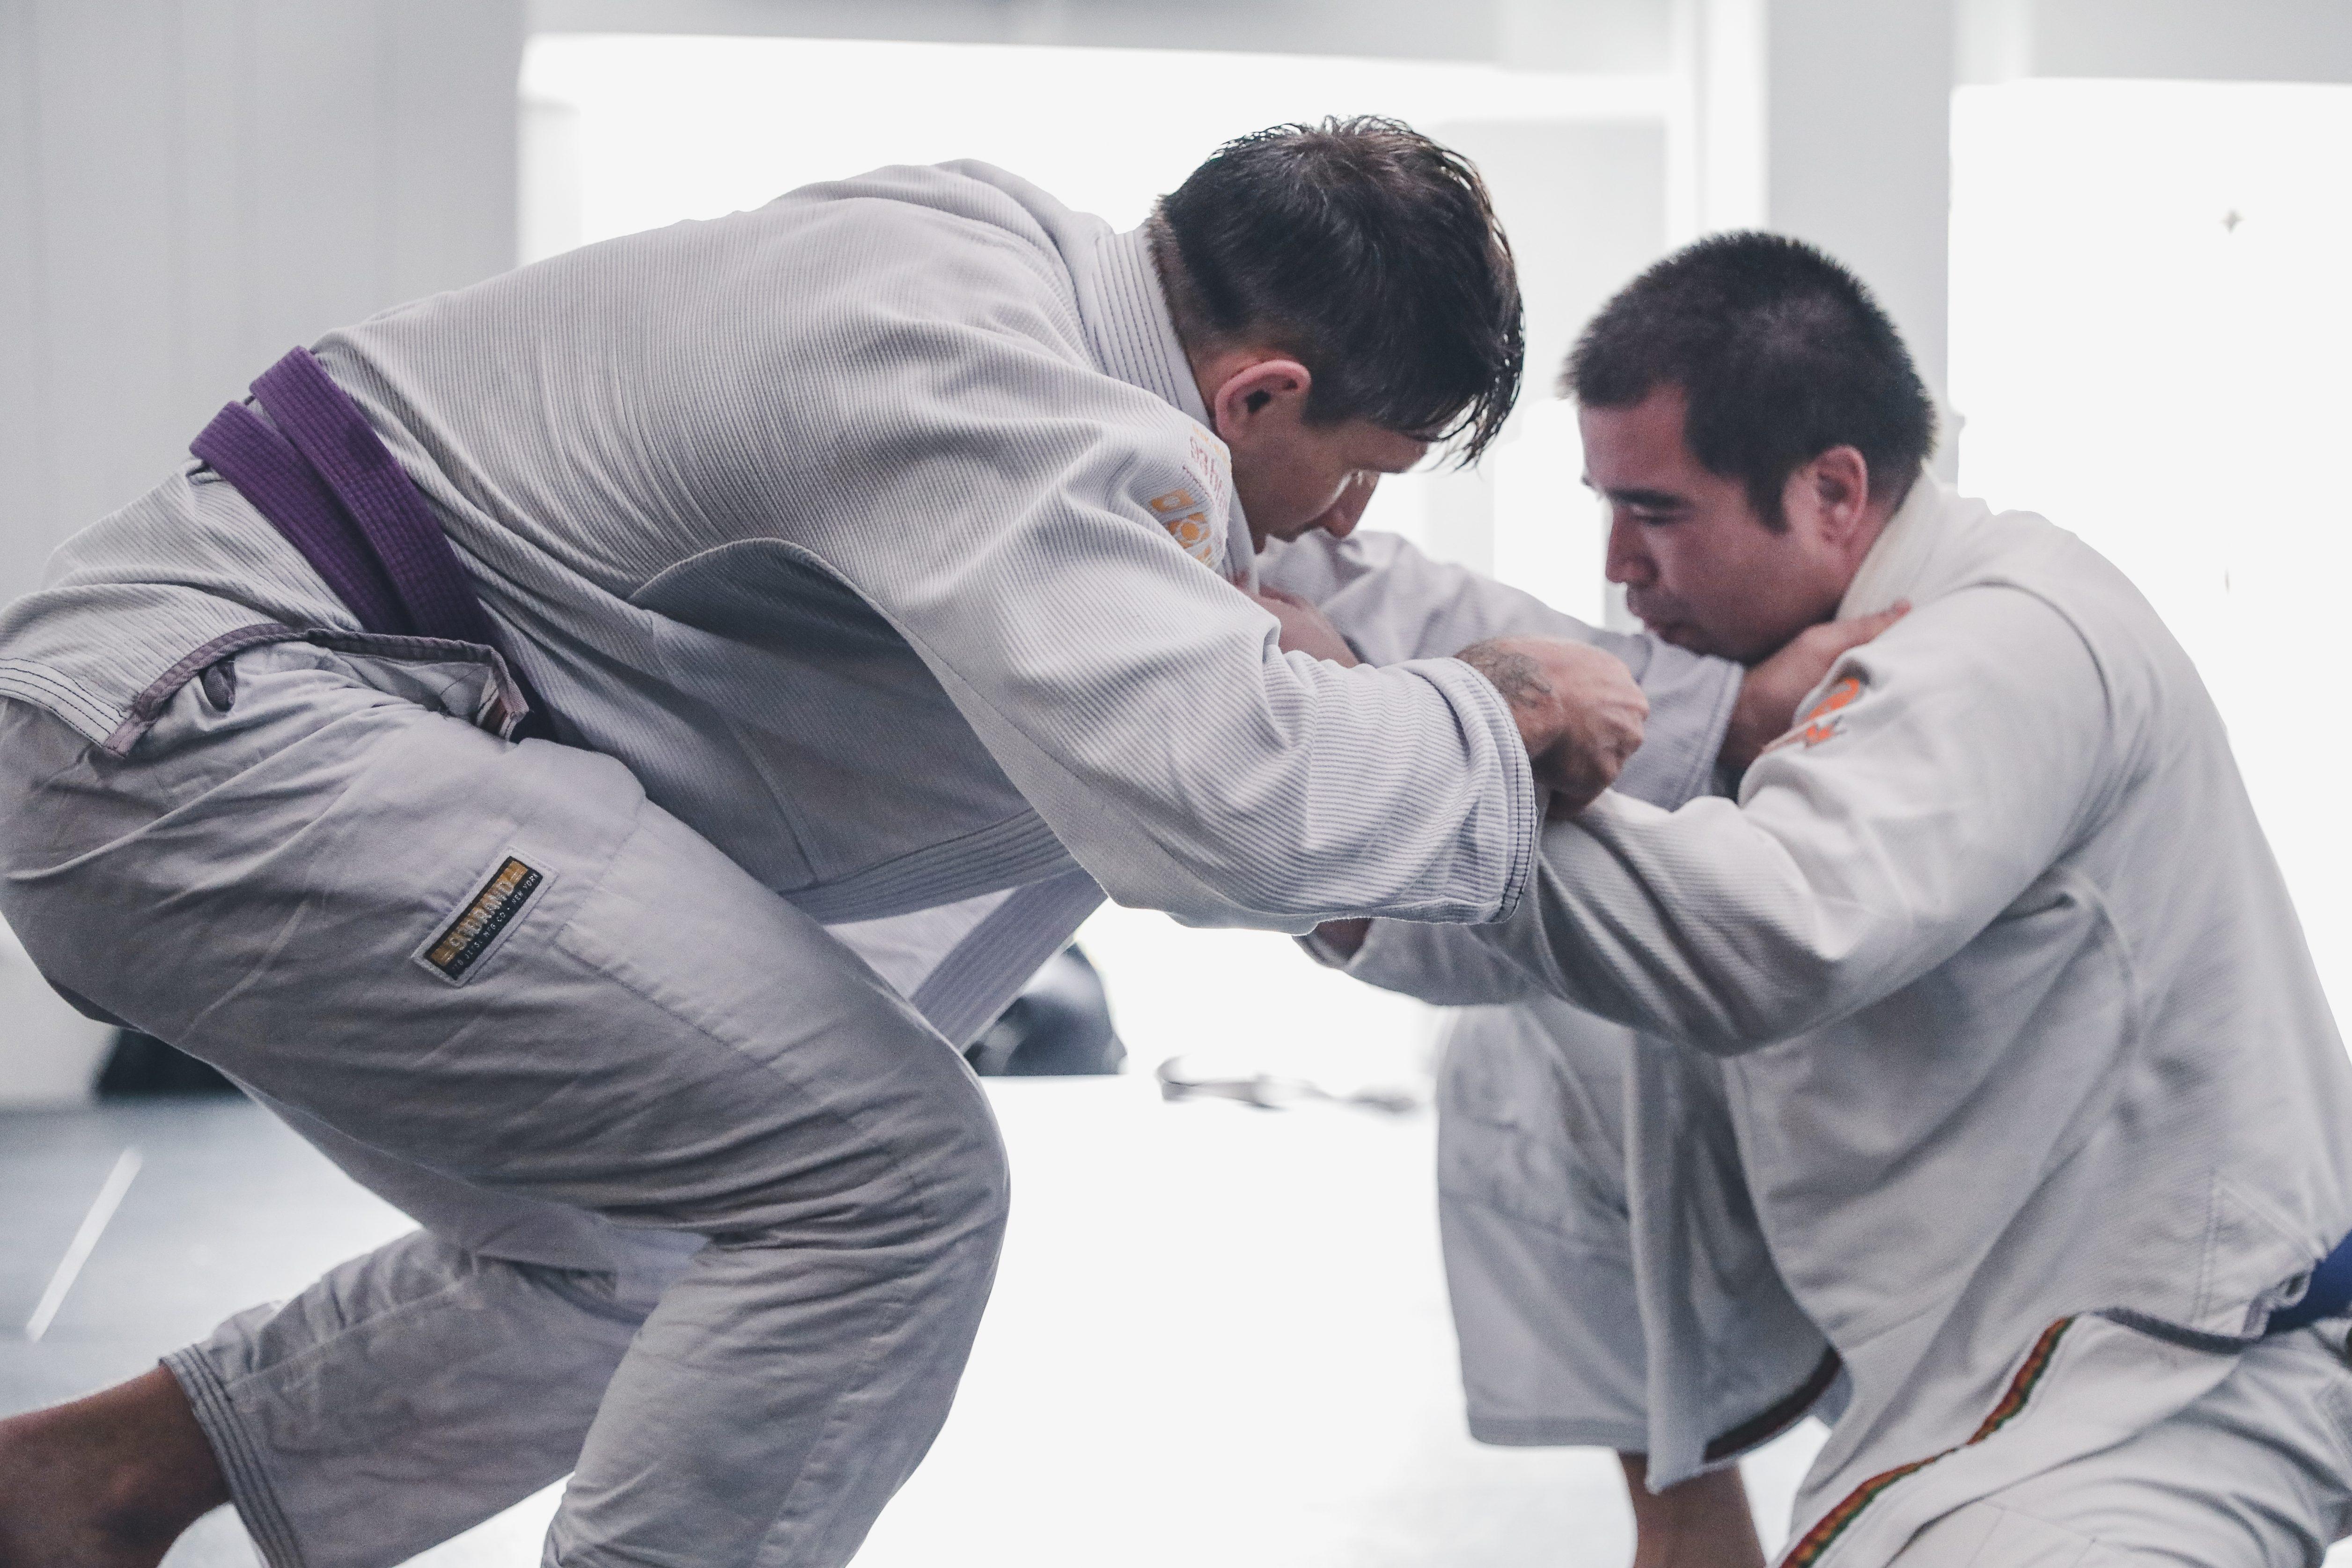 Jiu Jitsu Grips